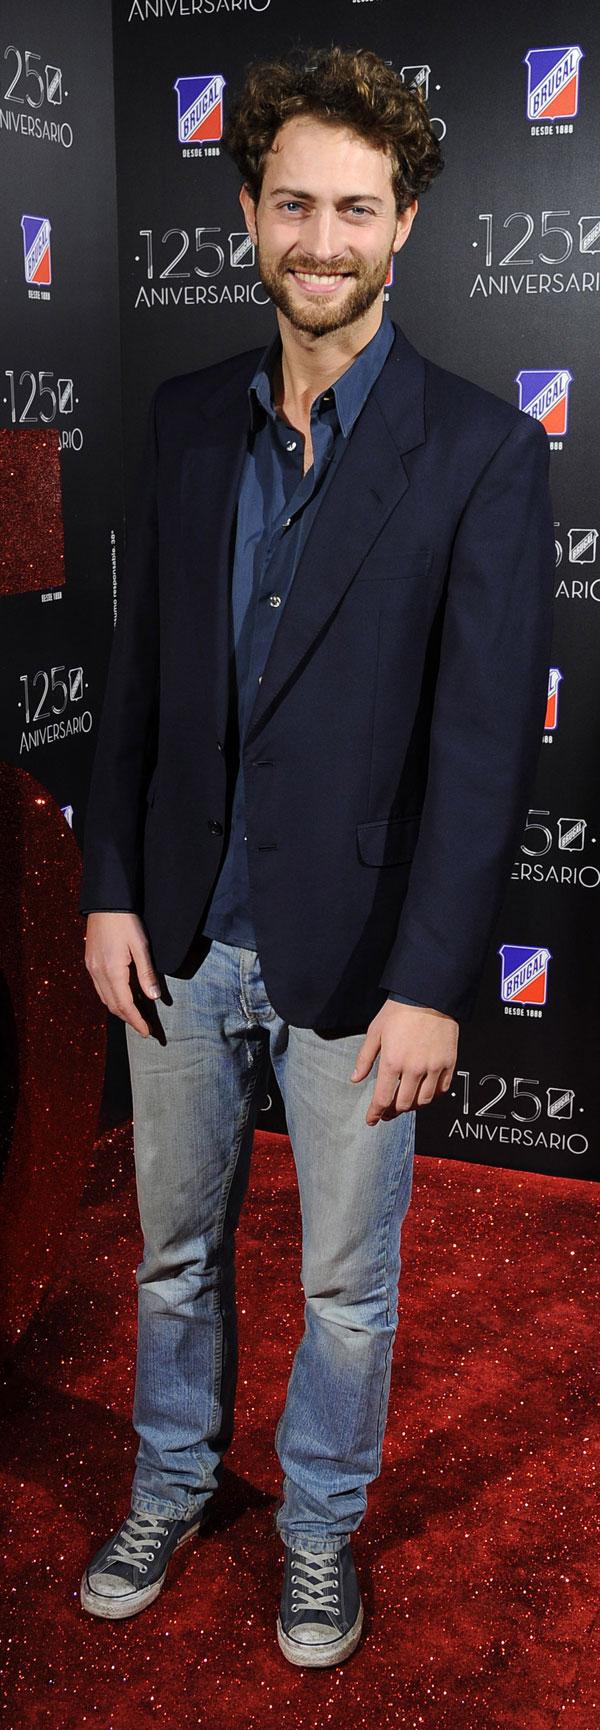 PETER VIVES DURANTE LA FIESTA DEL 125 ANIVERSARIO DE RON BRUGAL EN MADRID 04/12/2013 MADRID